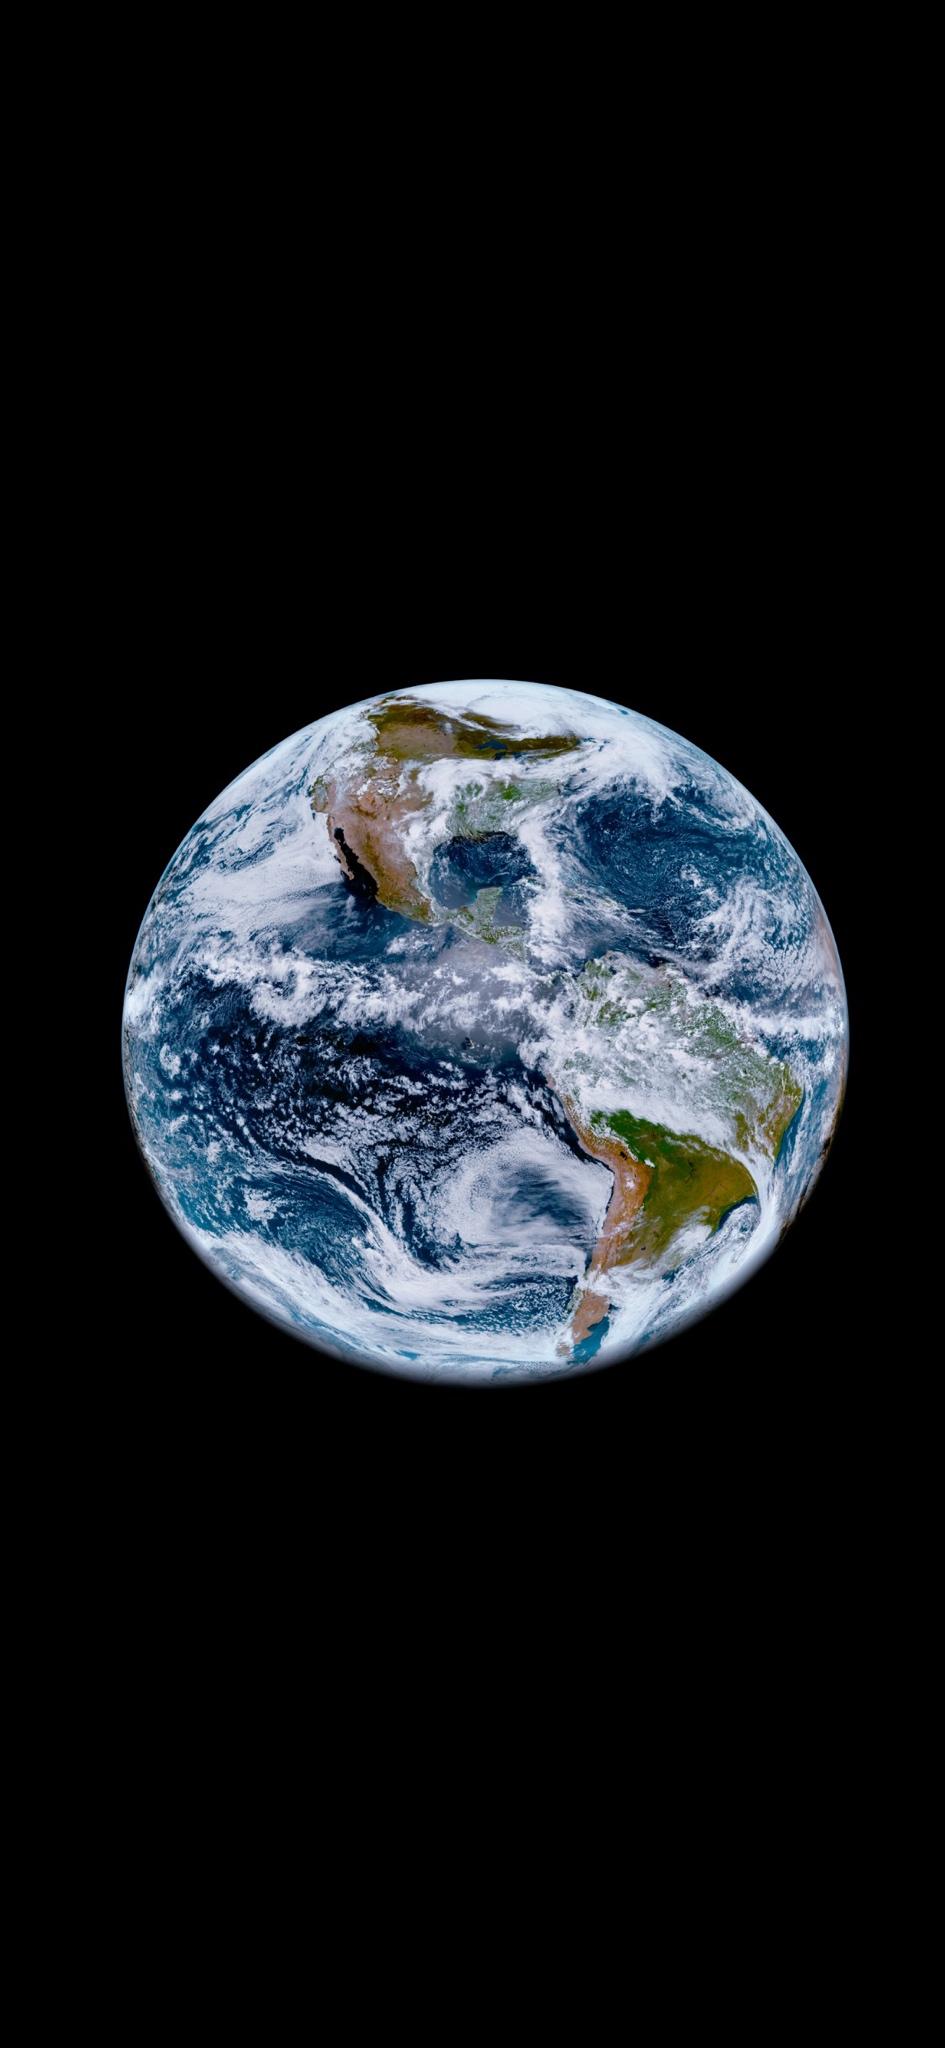 live wallpaper iphone,erde,planet,atmosphäre,weltraum,welt 21 ...